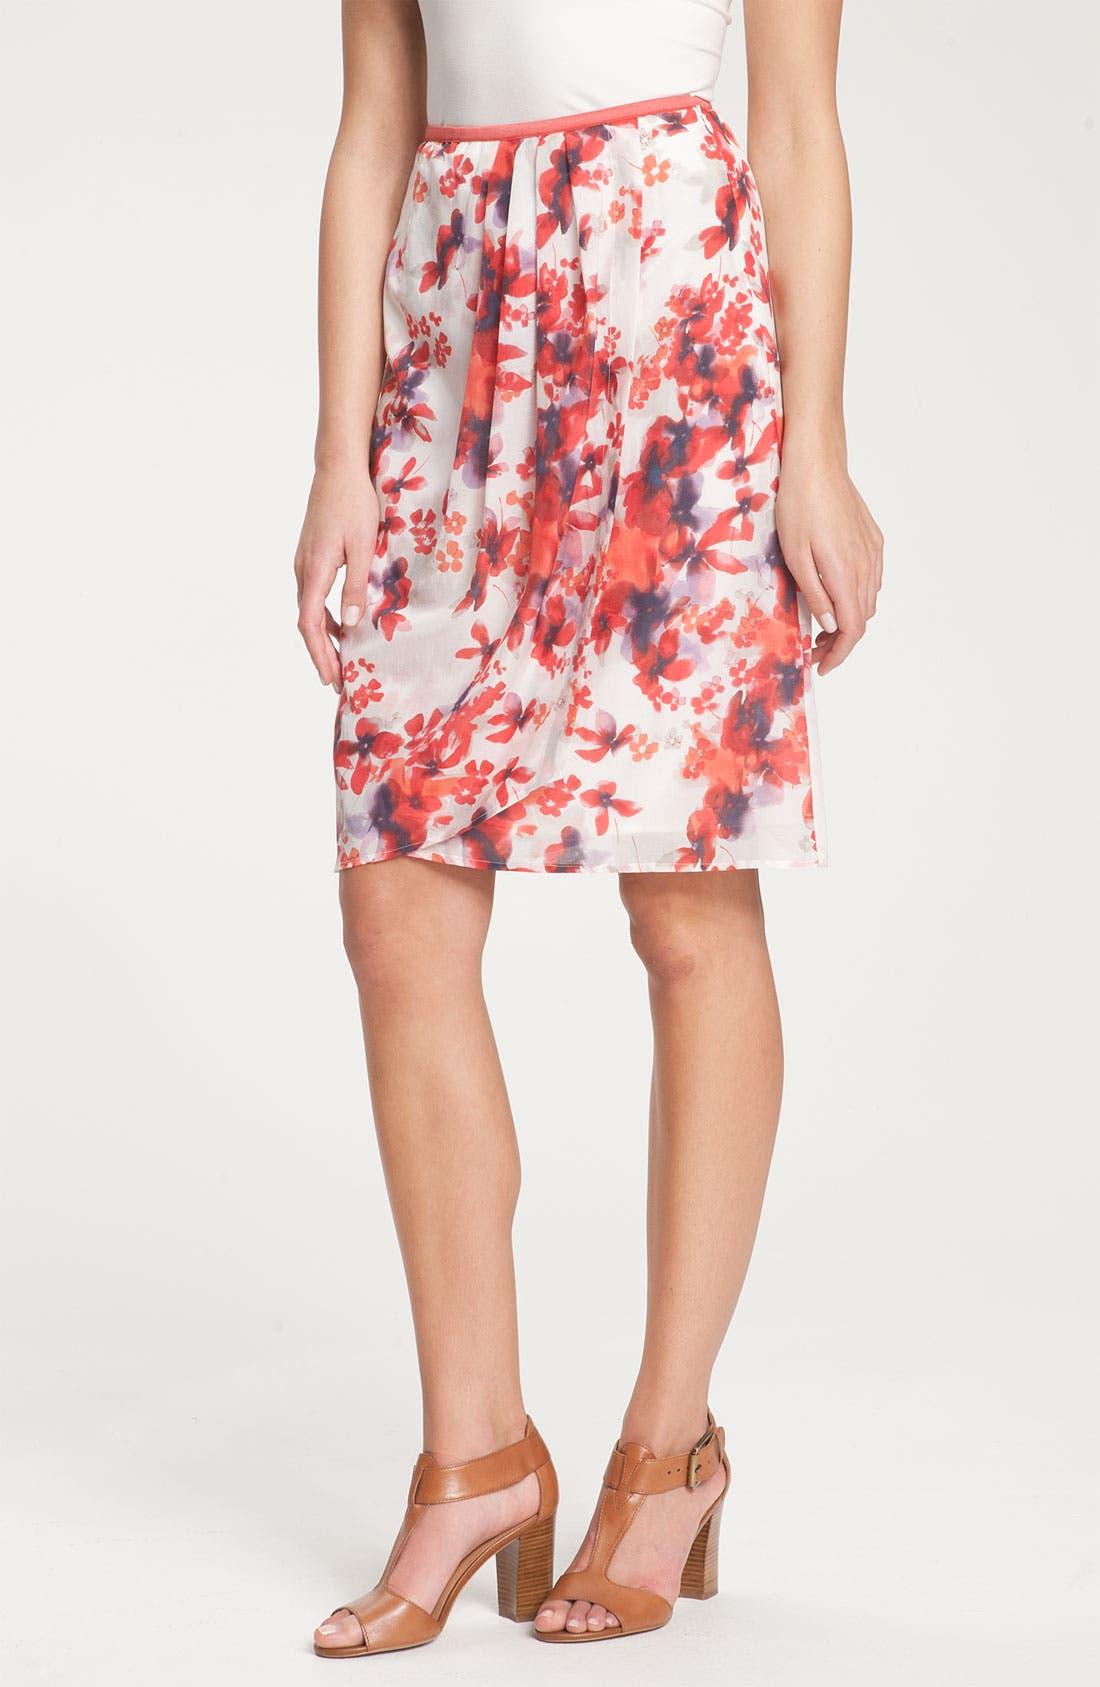 Main Image - Nic + Zoe 'Blushing Floral' Skirt